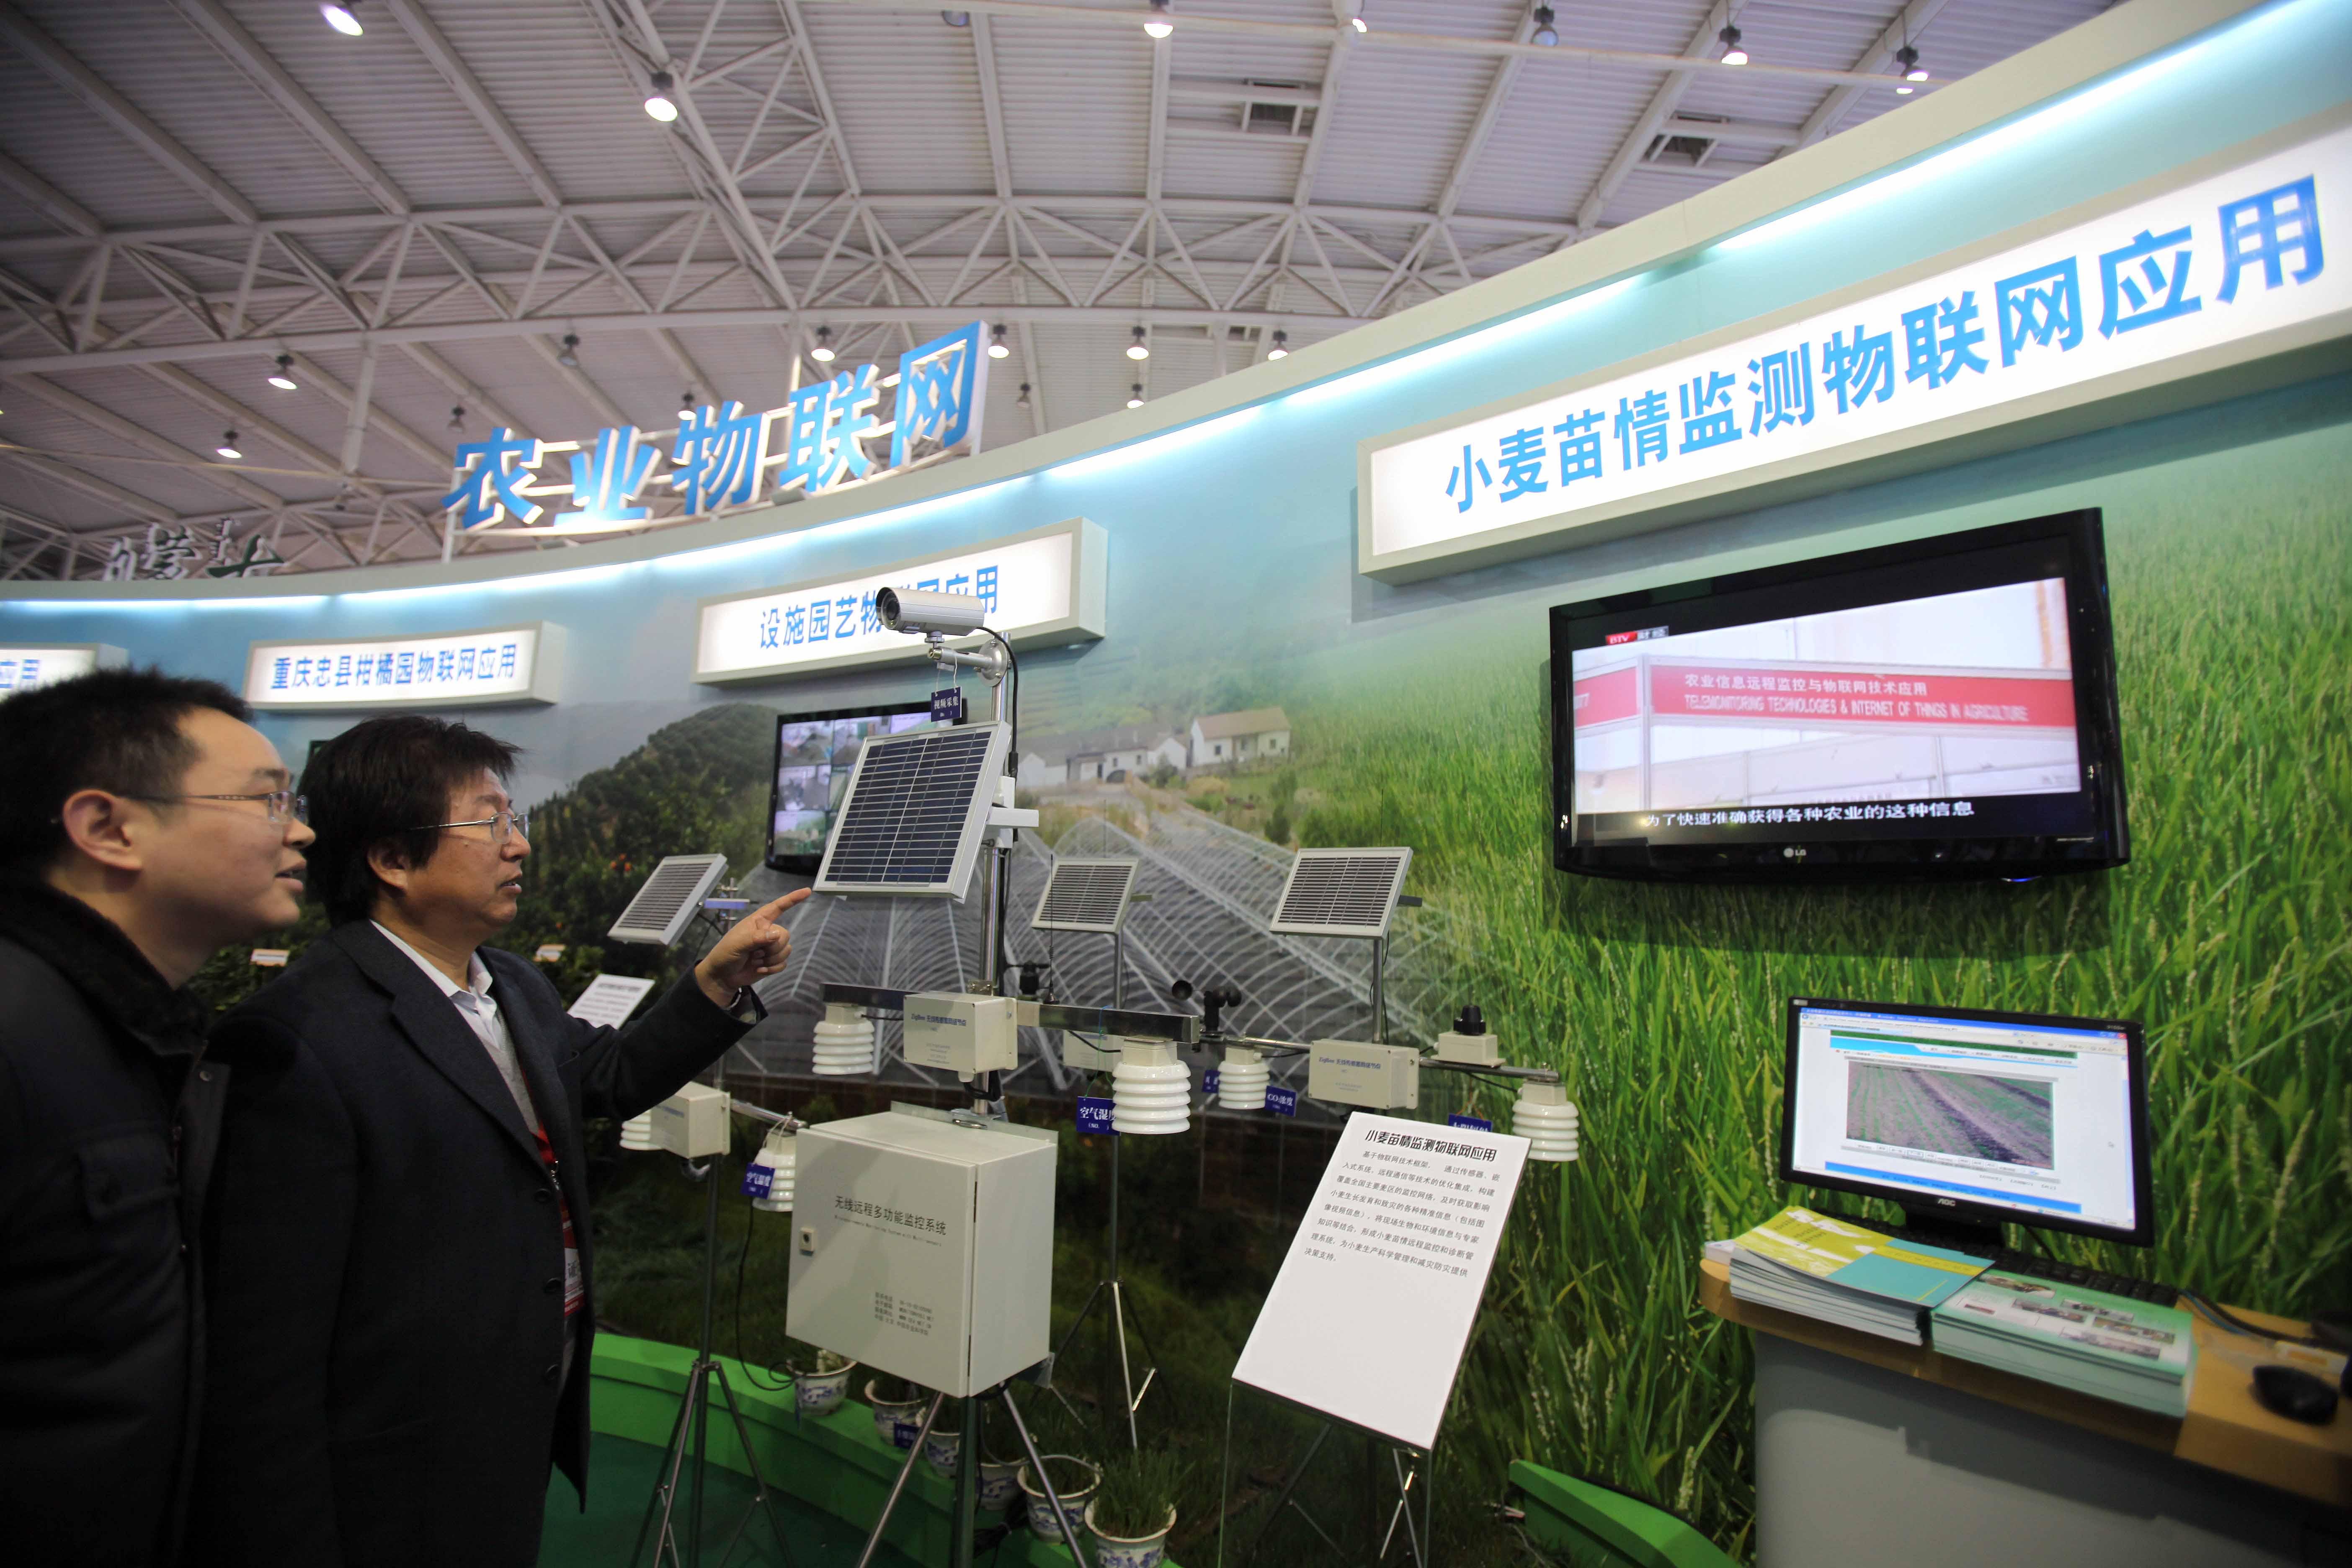 目前农业物联网面临的六大挑战和六大提升